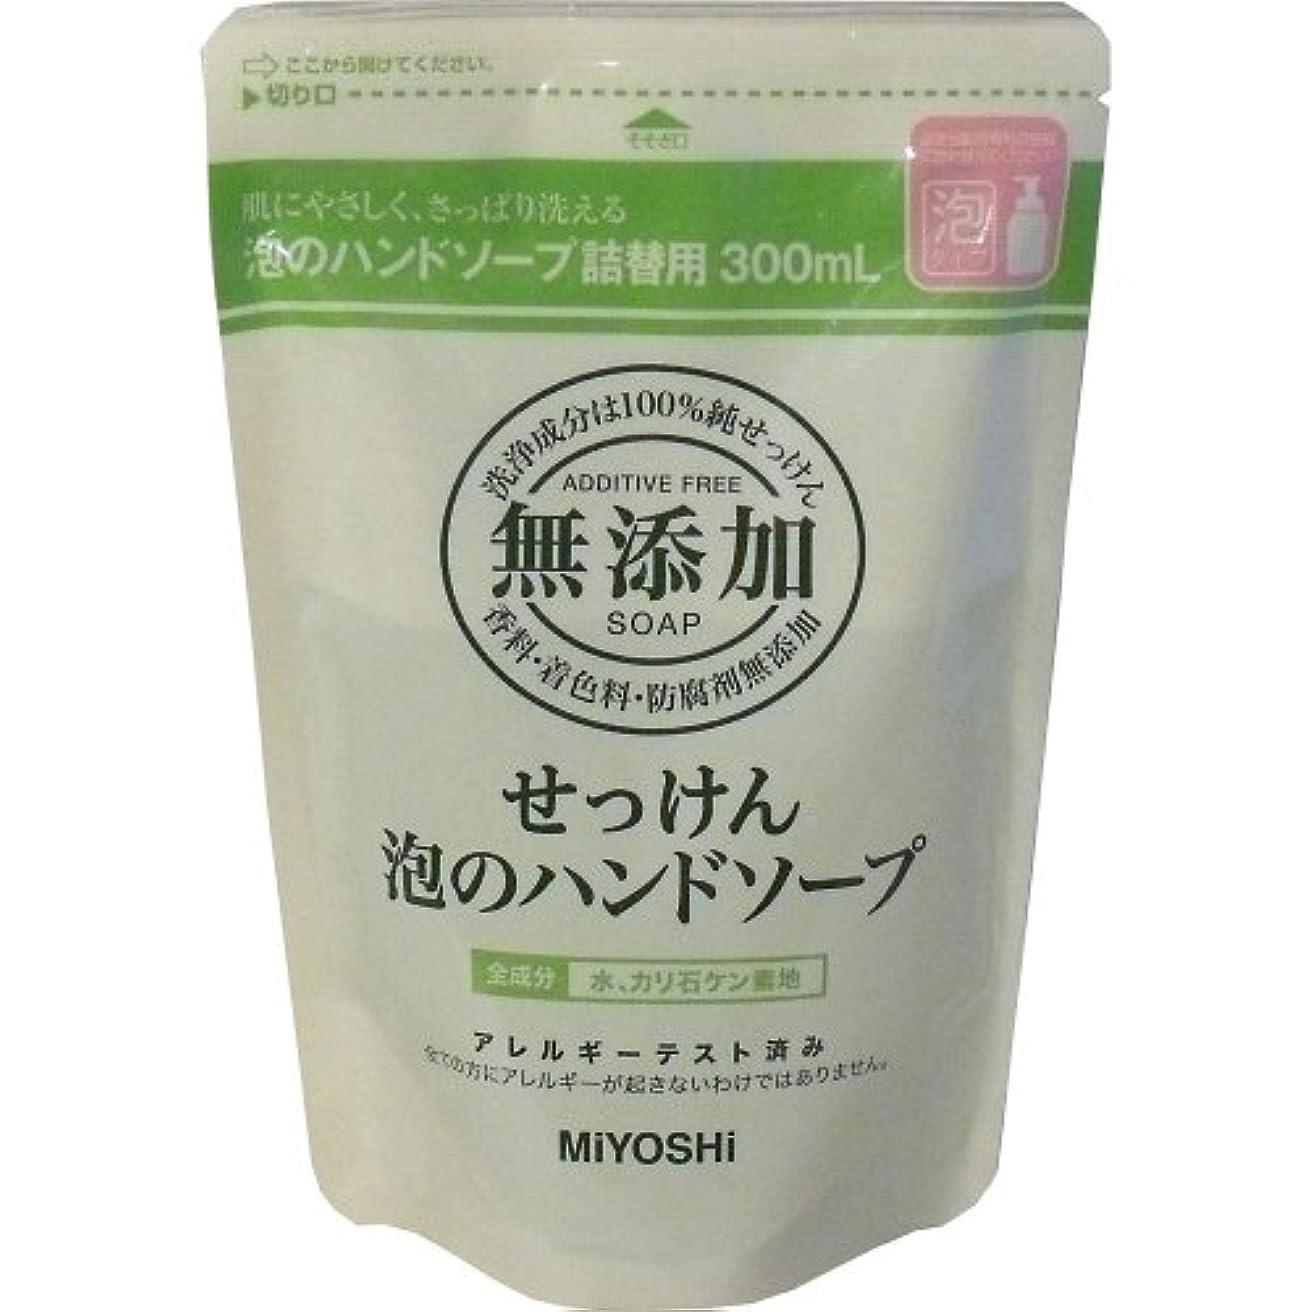 芝生解明悲惨なミヨシ石鹸 無添加せっけん泡ハンドソープ 詰替用300ml×5